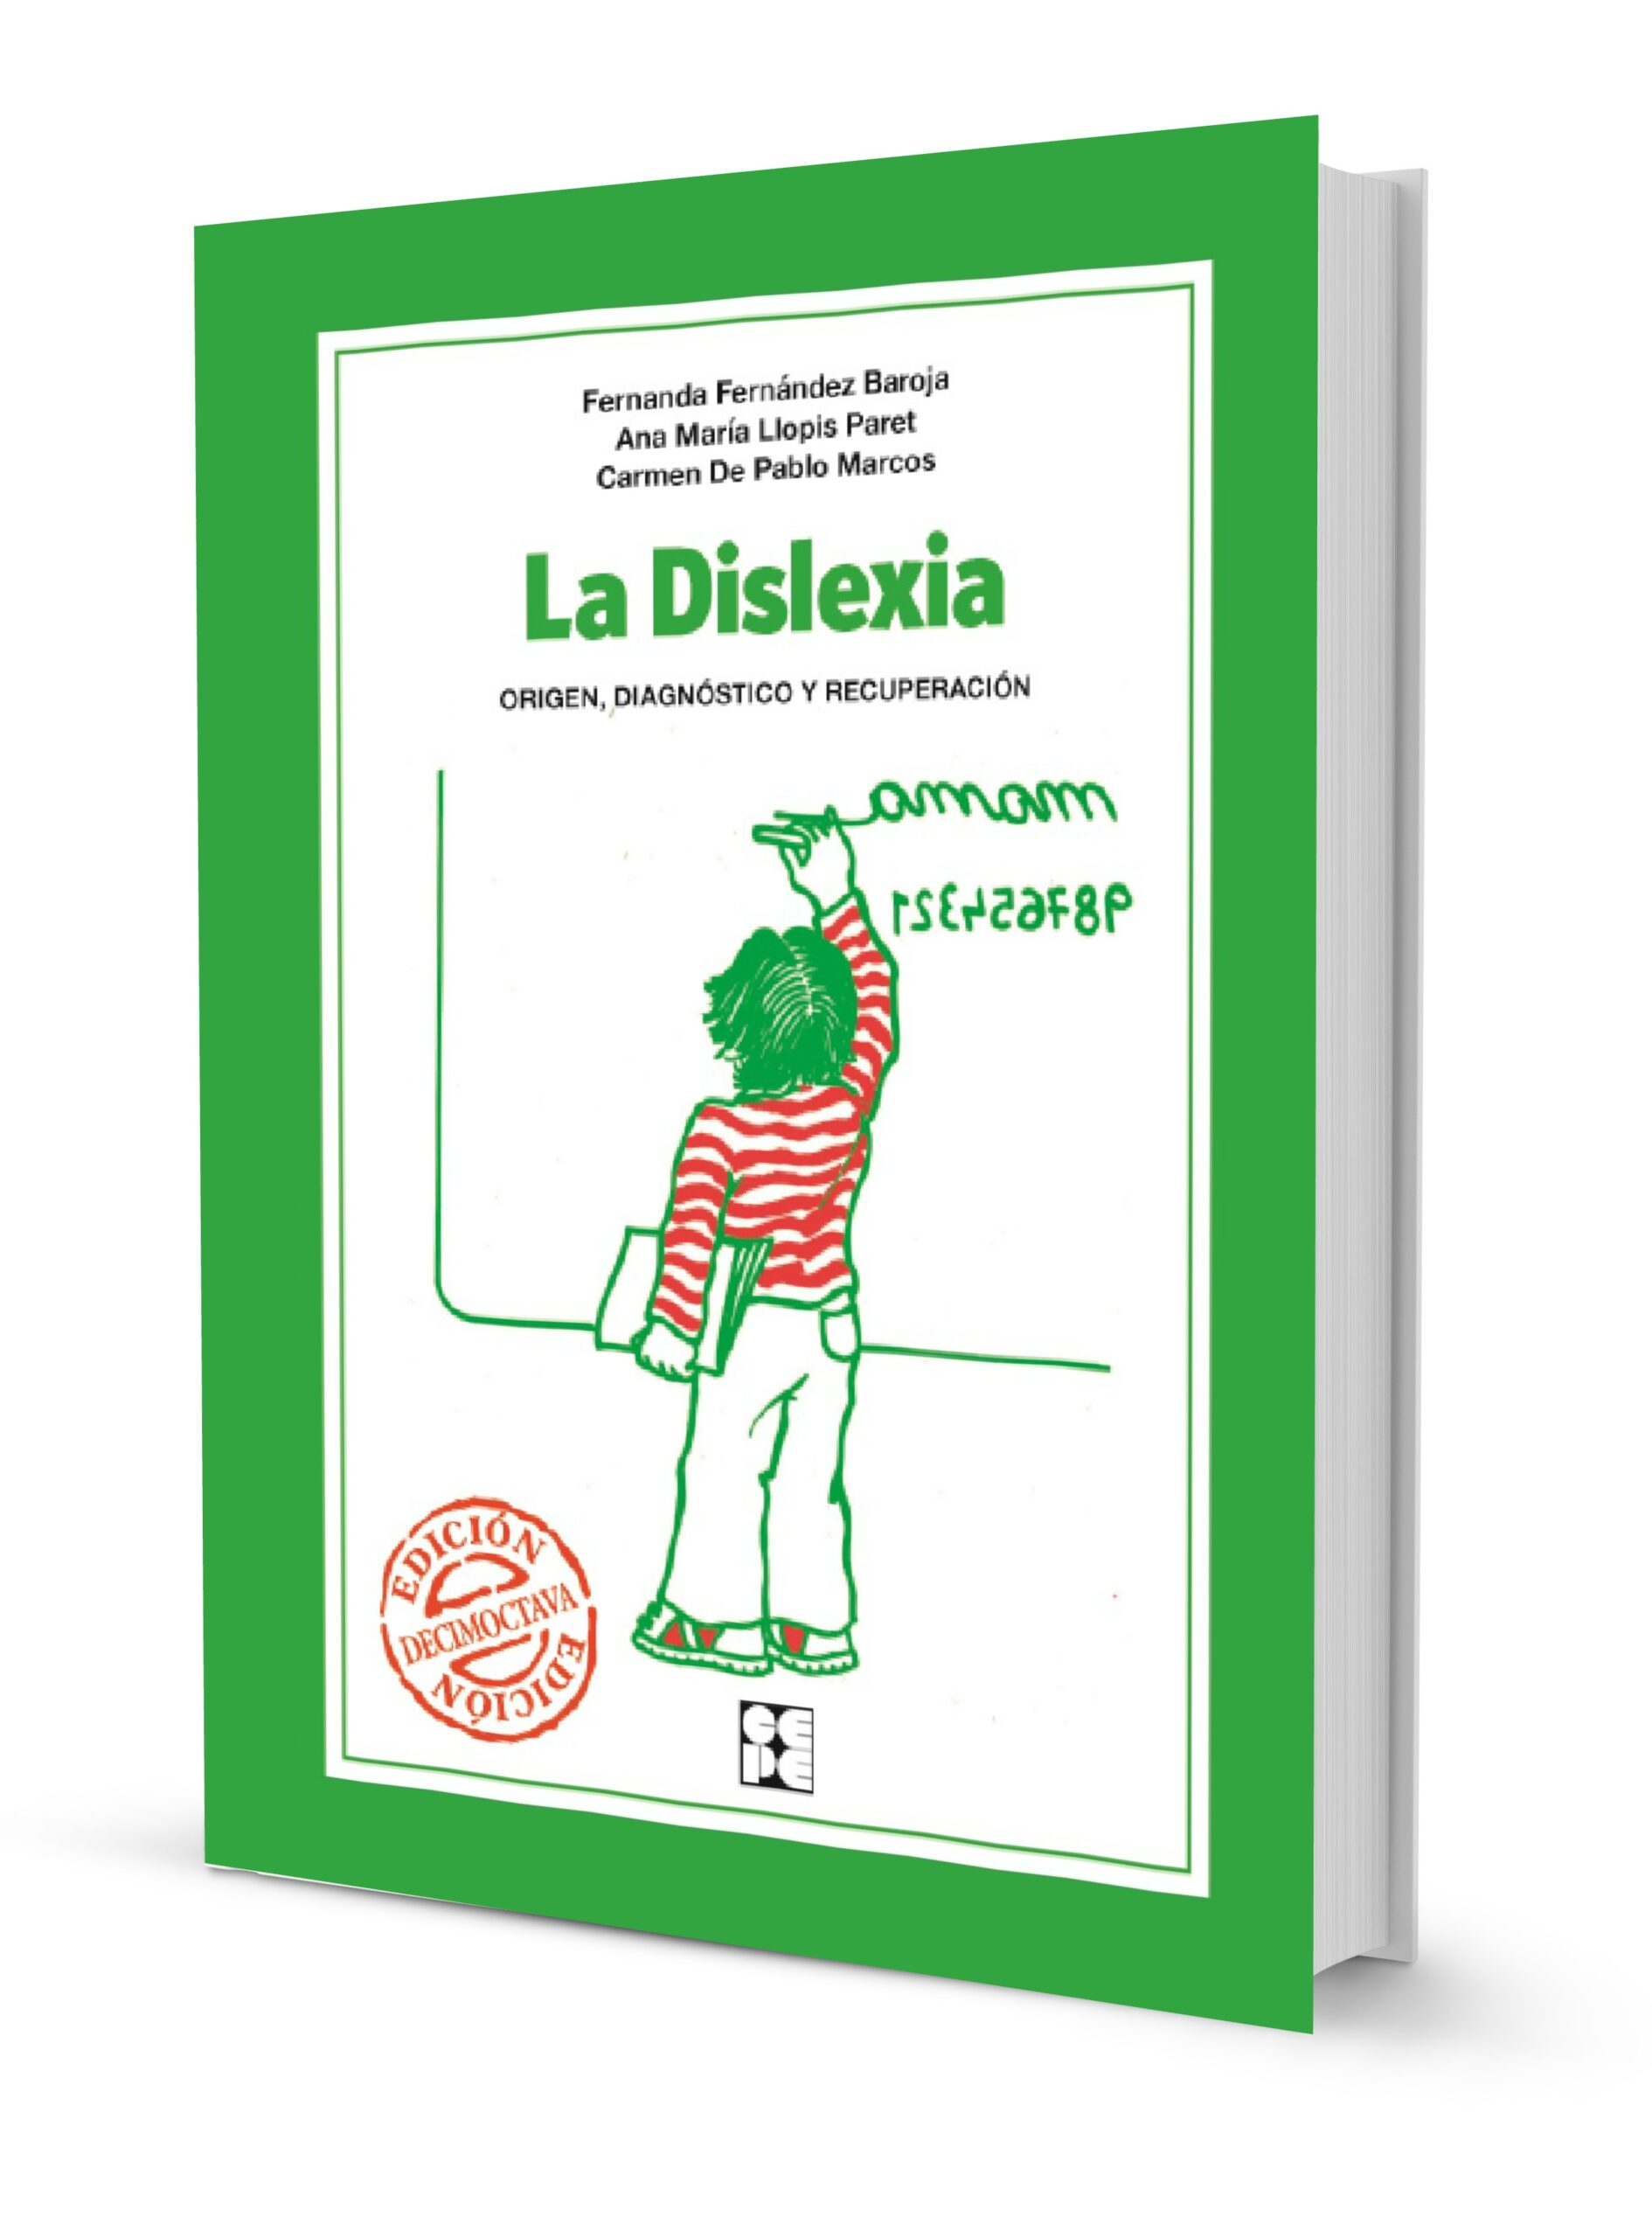 La Dislexia. Origen, Diagnóstico y Recuperación